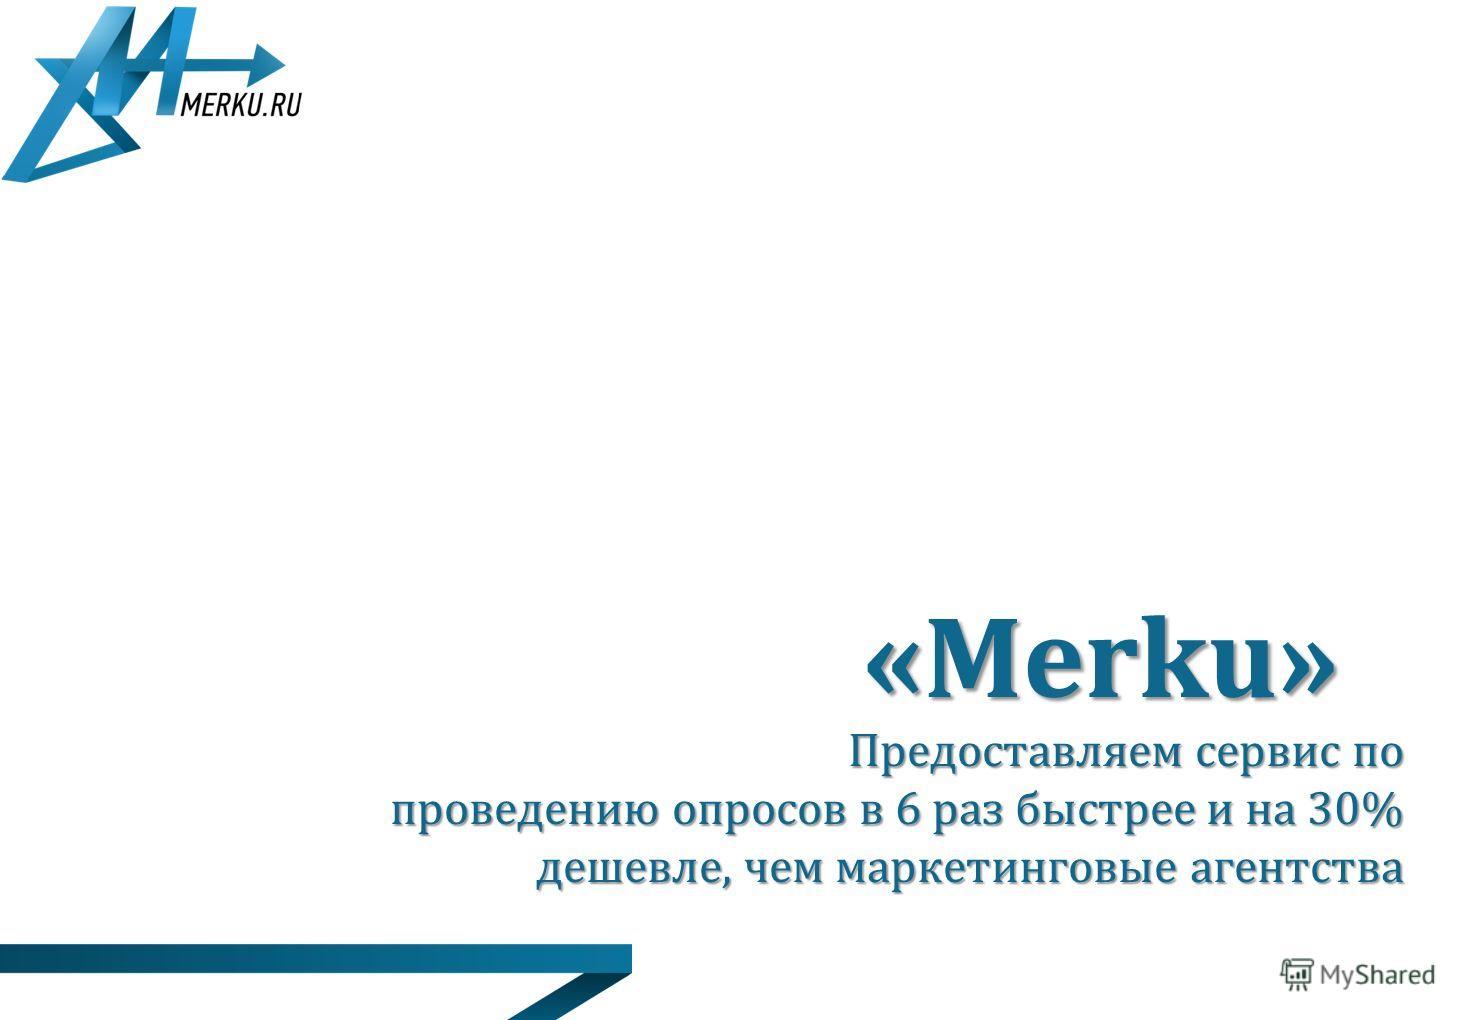 Предоставляем сервис по проведению опросов в 6 раз быстрее и на 30% дешевле, чем маркетинговые агентства «Merku»